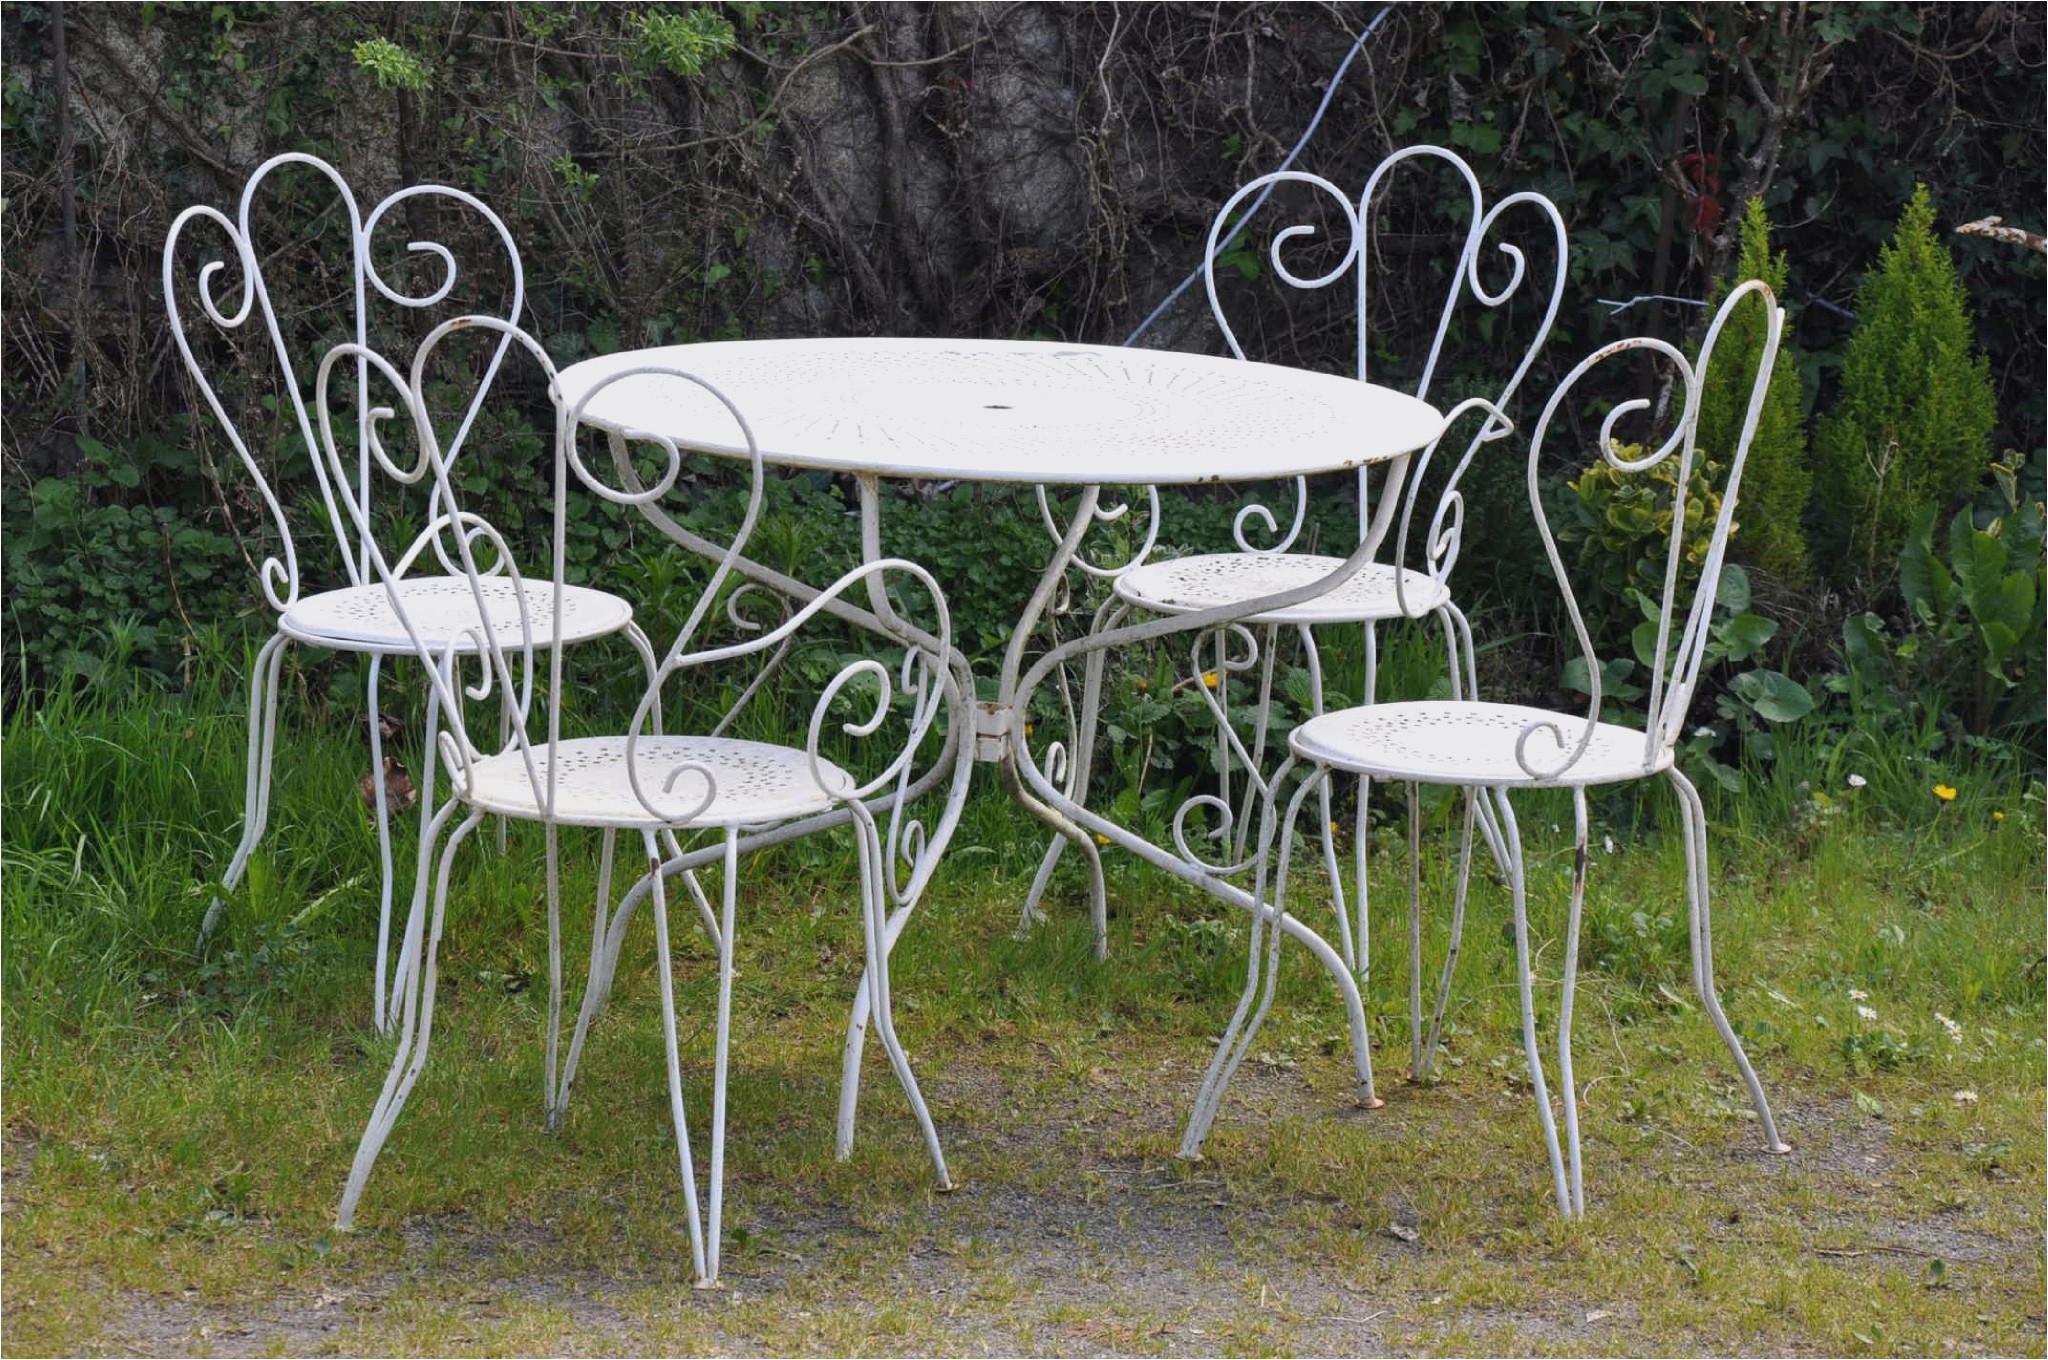 Tonnelle De Jardin Carrefour Beau Collection Chaise De Jardin Carrefour Avec Luxueux Transat Jardin Carrefour